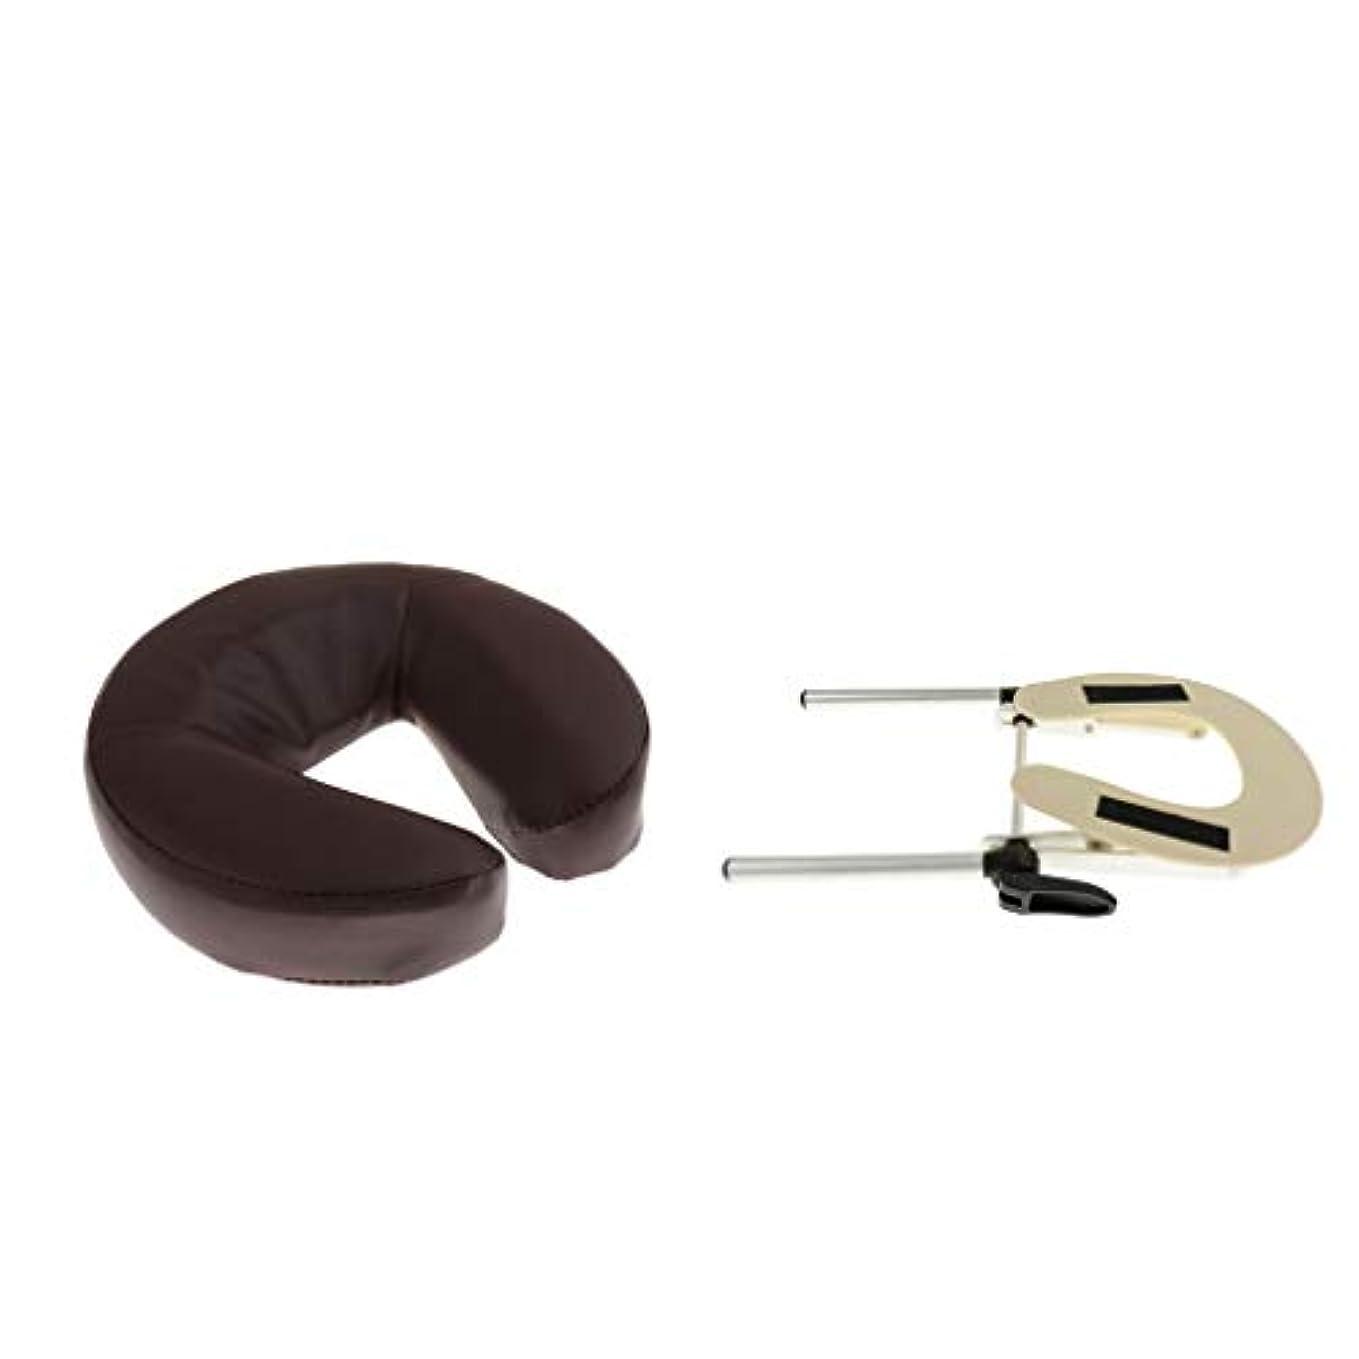 滴下額めんどりdailymall ソフトフェイスダウン枕付きマッサージテーブル用フェイスクレードルピローブラケットホルダー